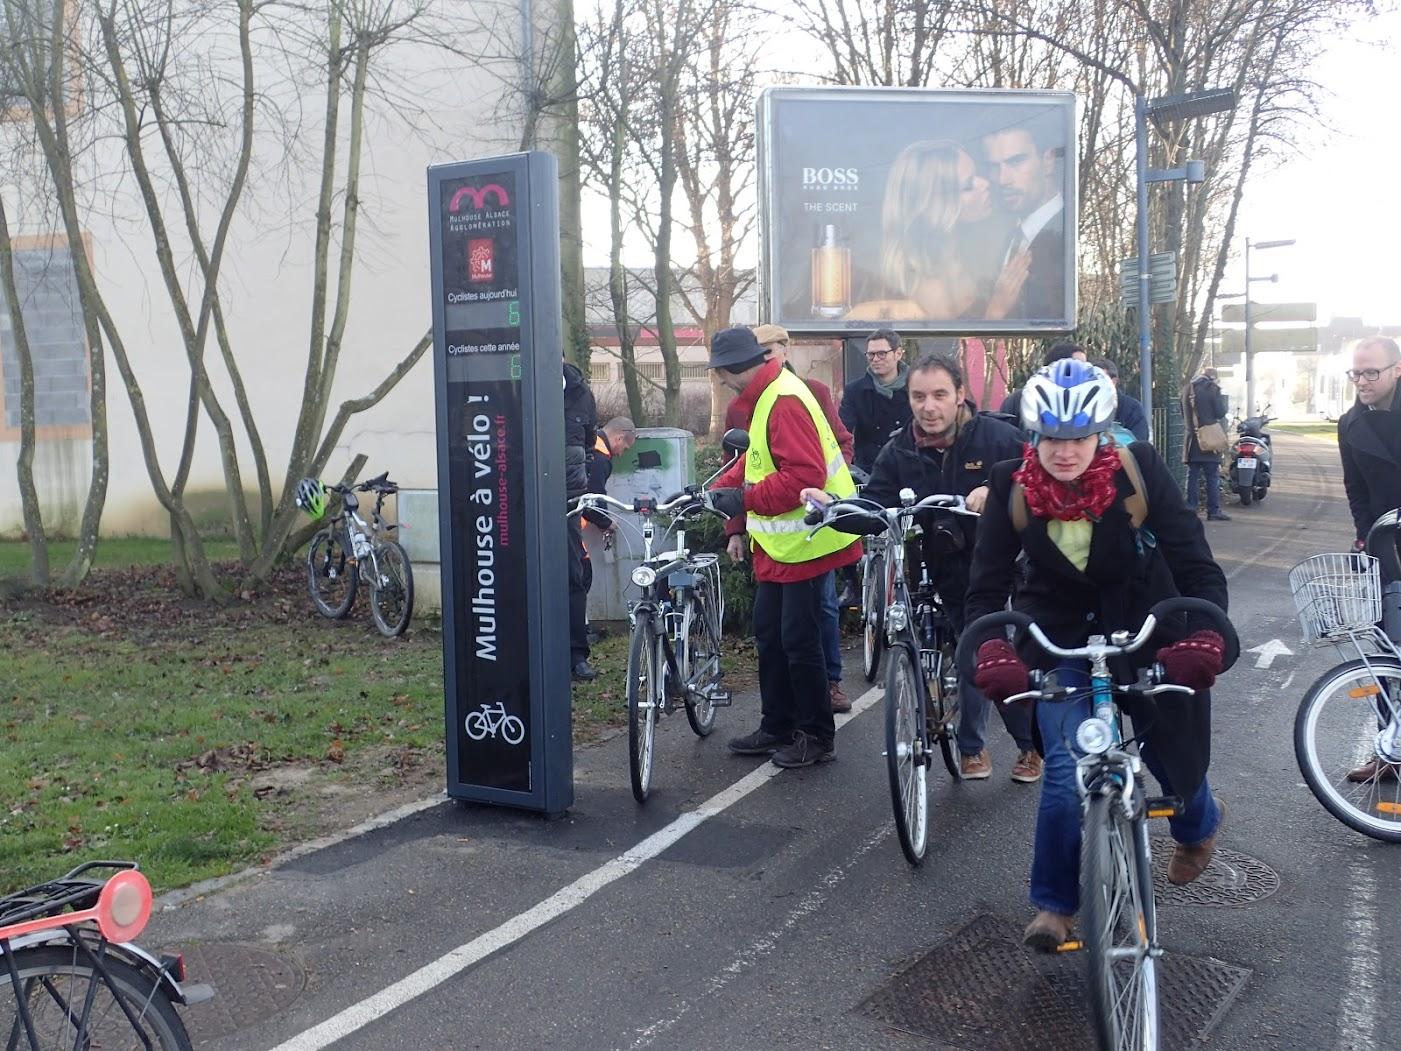 les cyclistes de passage ne comprennent pas la raison de cet attroupement